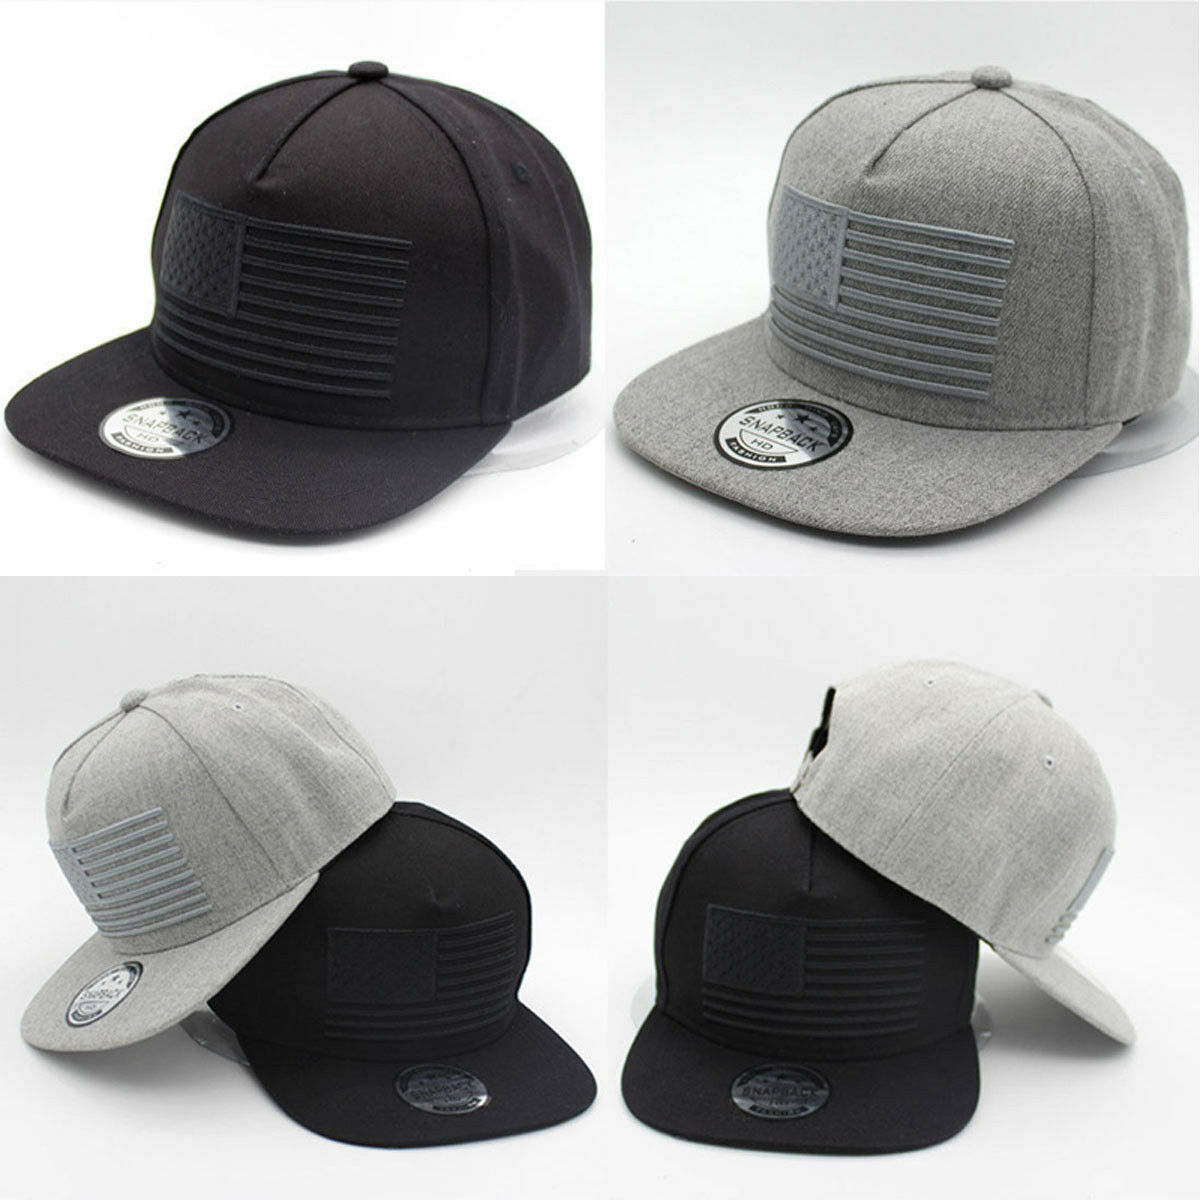 Adjustable Cap Snapback Flat Brim-Hat Baseball-Cap Unisex Newest Hot Hip-Hop Men